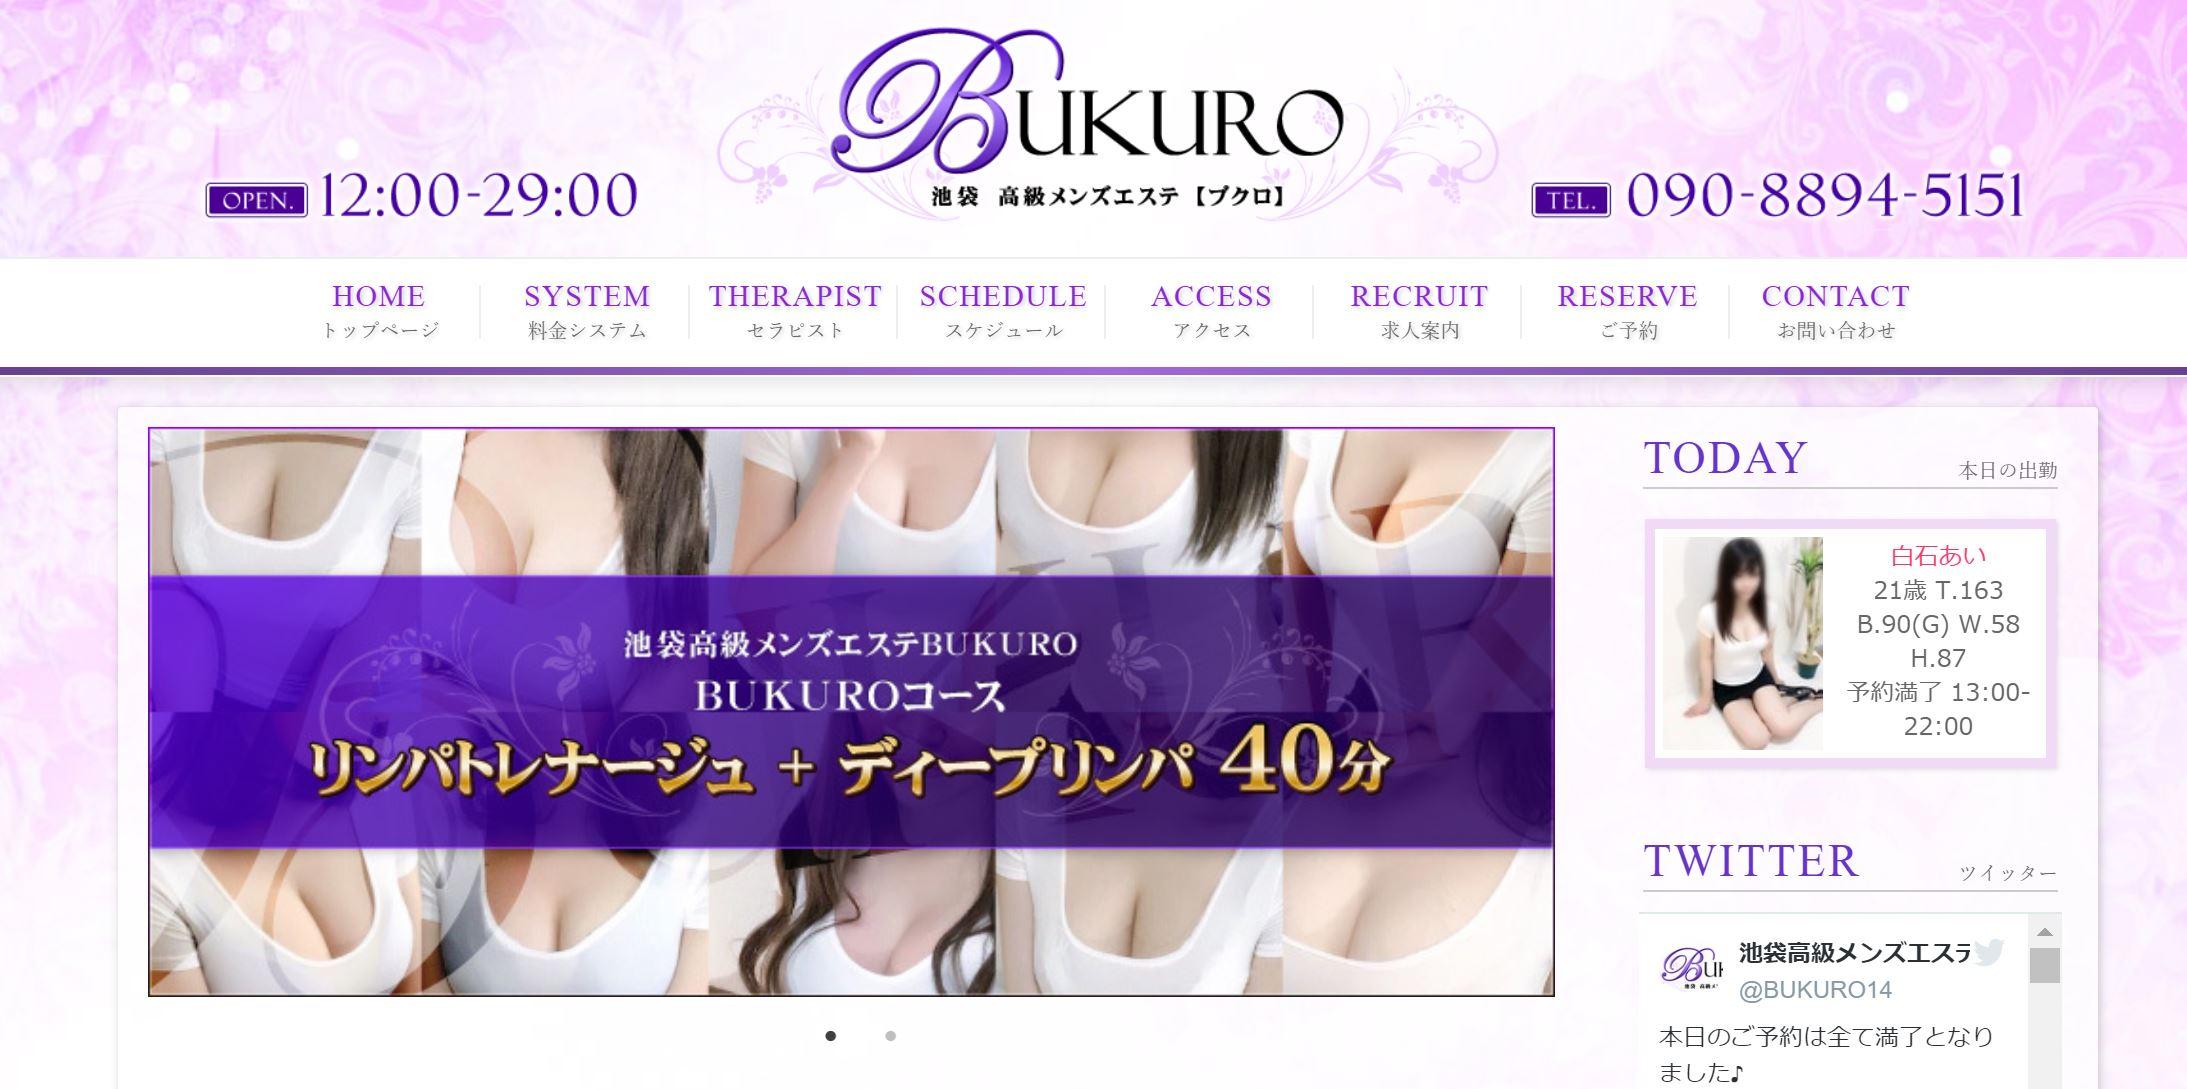 ブクロbukuro体験談その1東京池袋のロリ巨乳のムフフな手つき